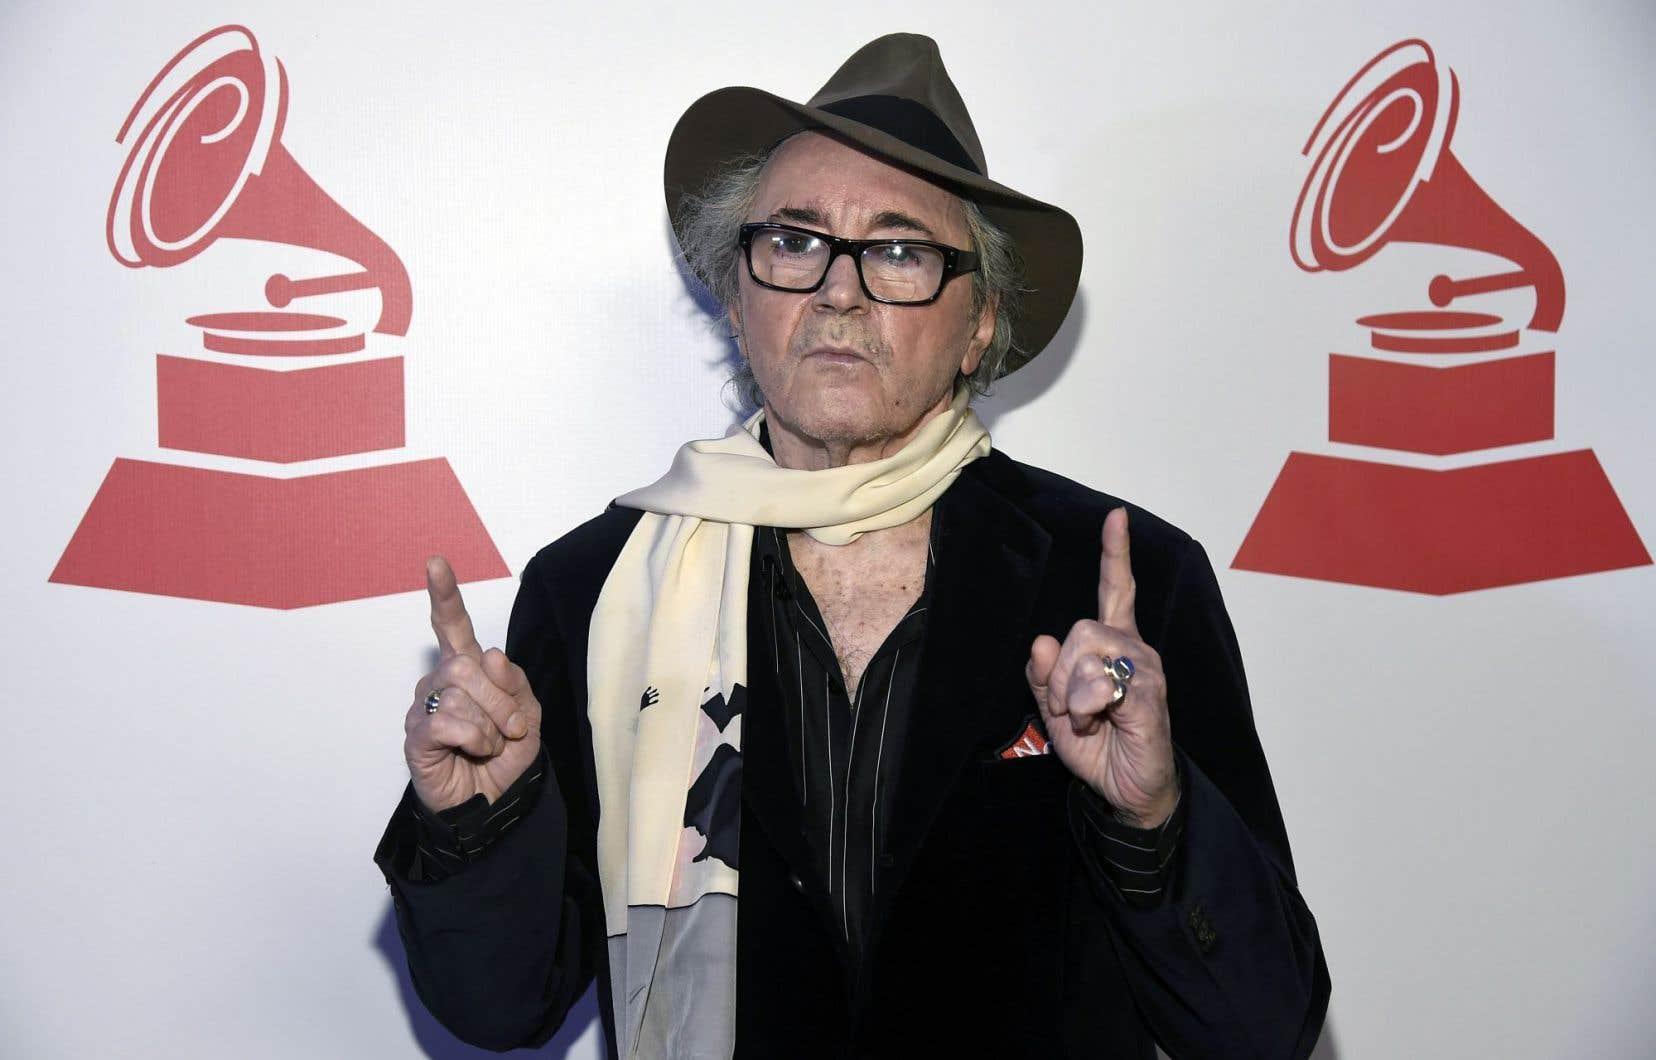 Gato Barbieri en novembre 2015 à Las Vegas à l'occasion d'un gala